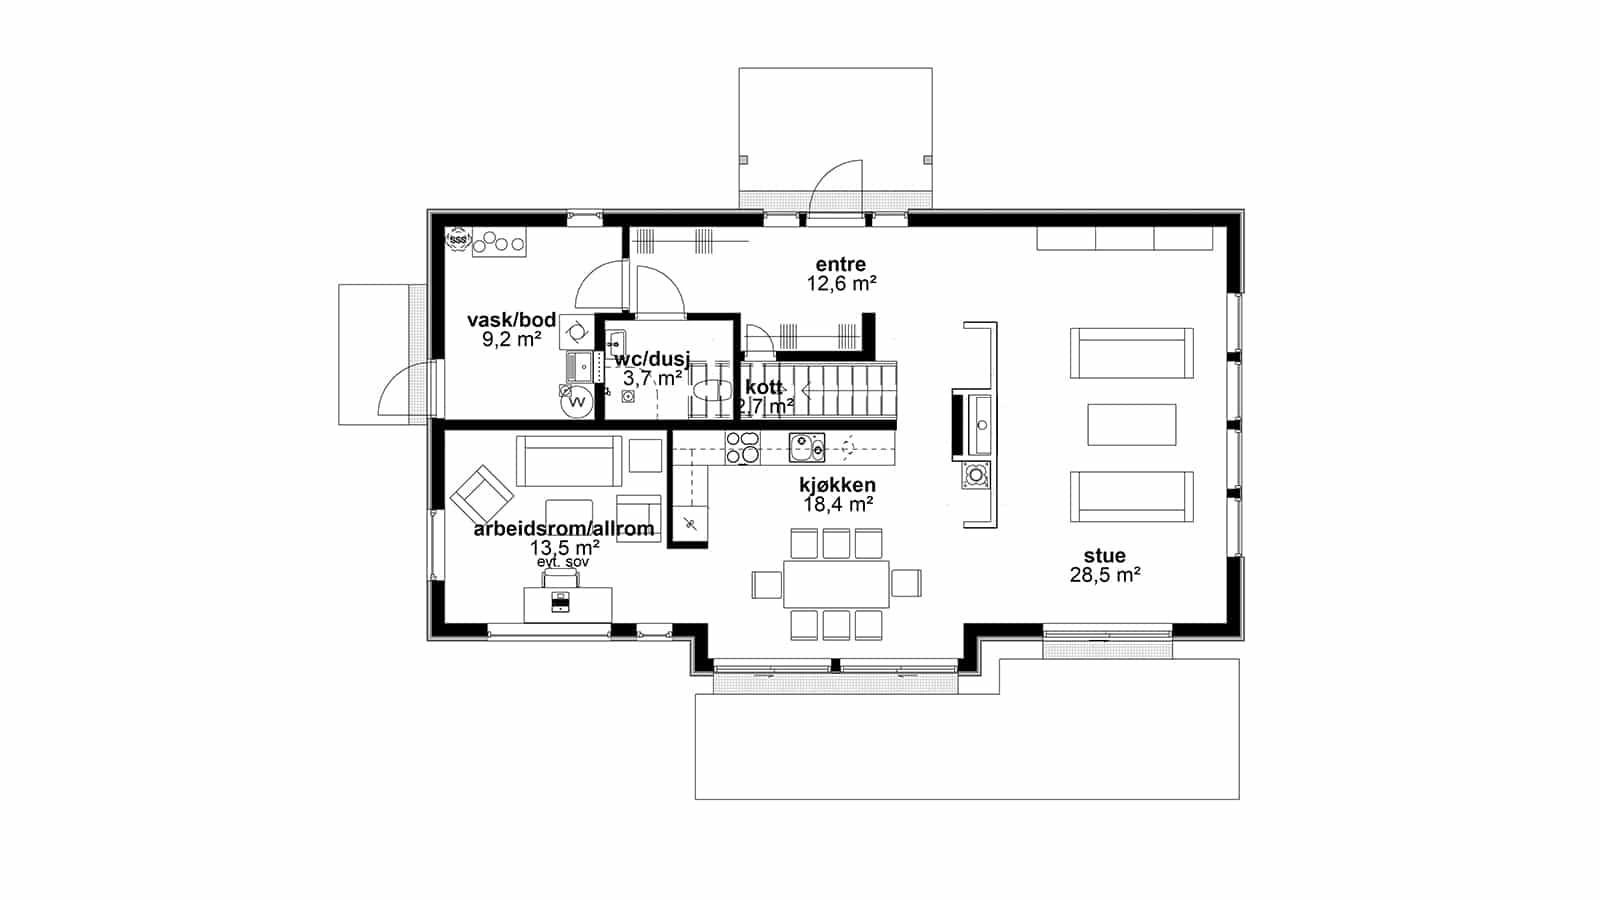 Plantegning av 1.etasje - Mandel